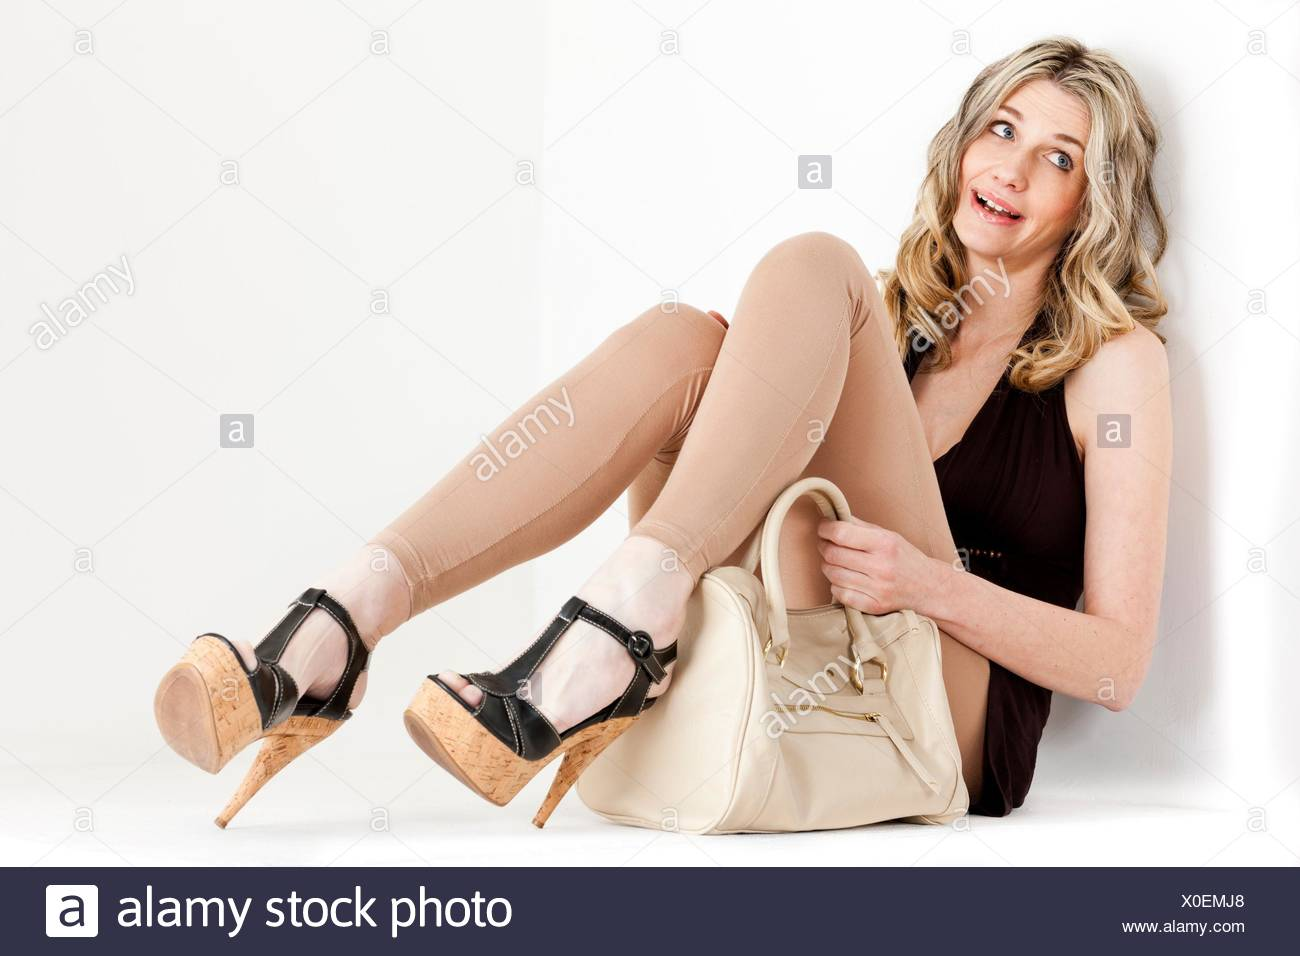 23476710b73e Donna seduta indossando vestiti estivi e scarpe con una borsetta ...